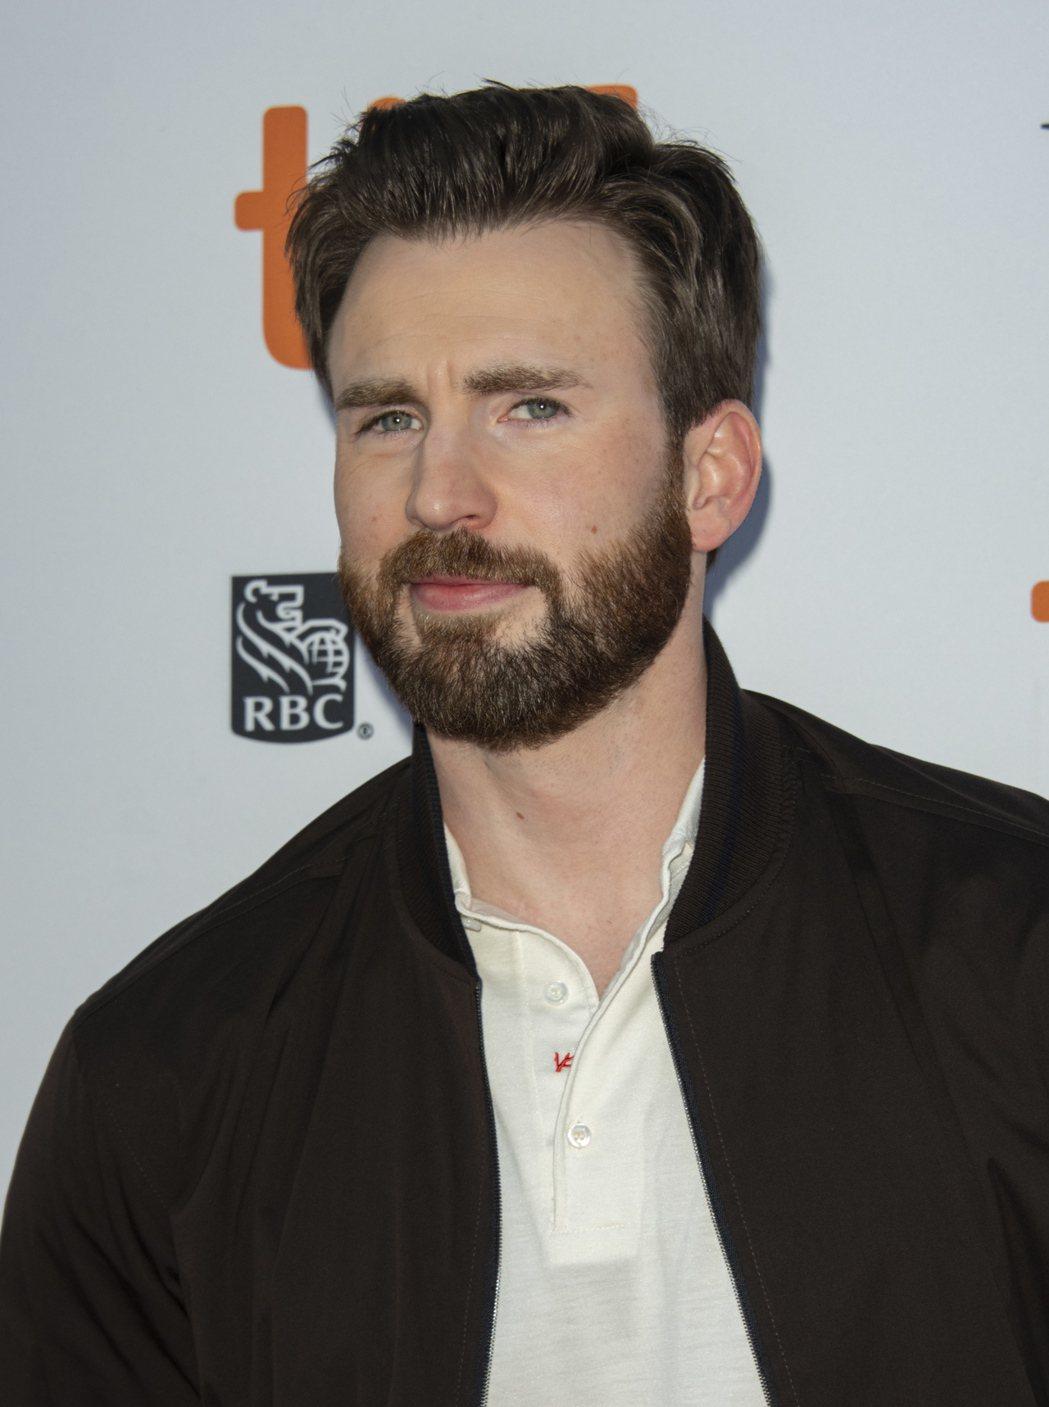 克里斯伊凡戲外一直維持蓄鬍的造型。圖/歐新社資料照片